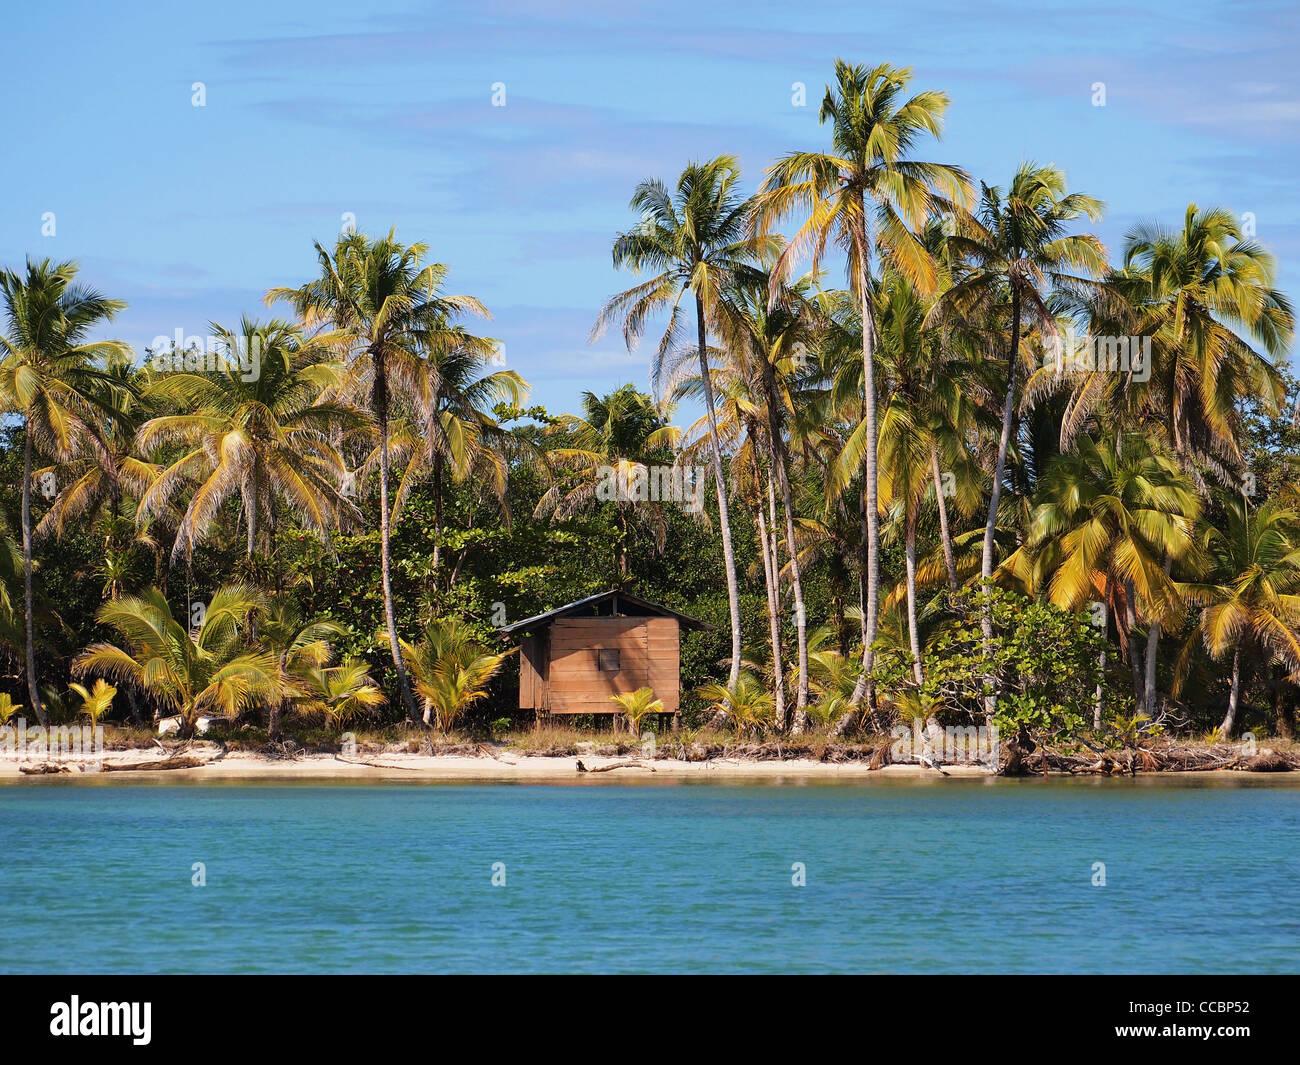 Bellissime palme sulla spiaggia tropicale con un capanno, mar dei Caraibi Immagini Stock